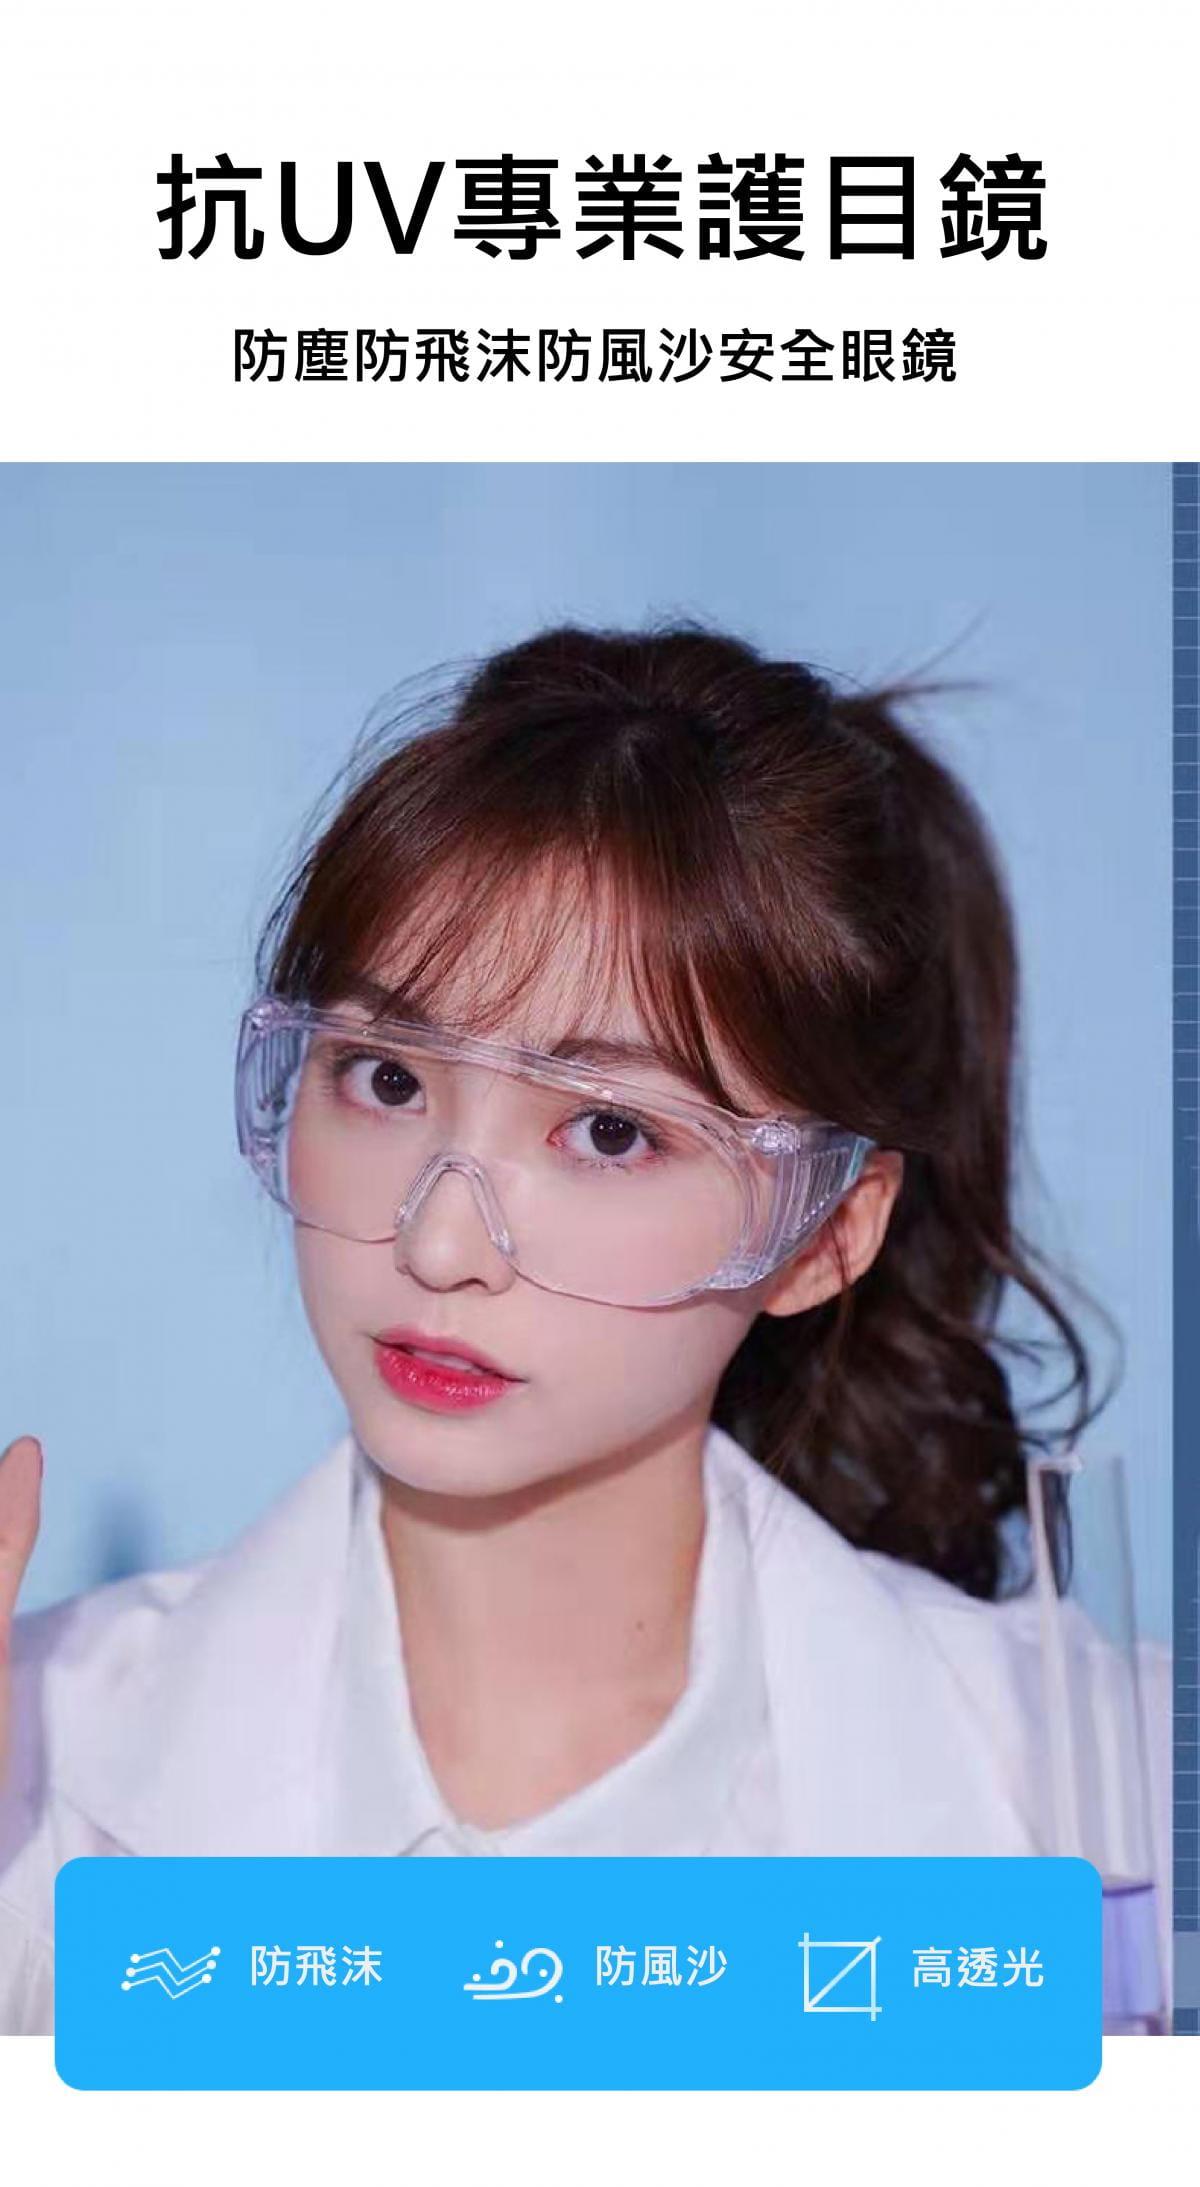 【英才星】台灣製防霧透明運動護目眼鏡 加贈眼鏡袋+眼鏡布 1